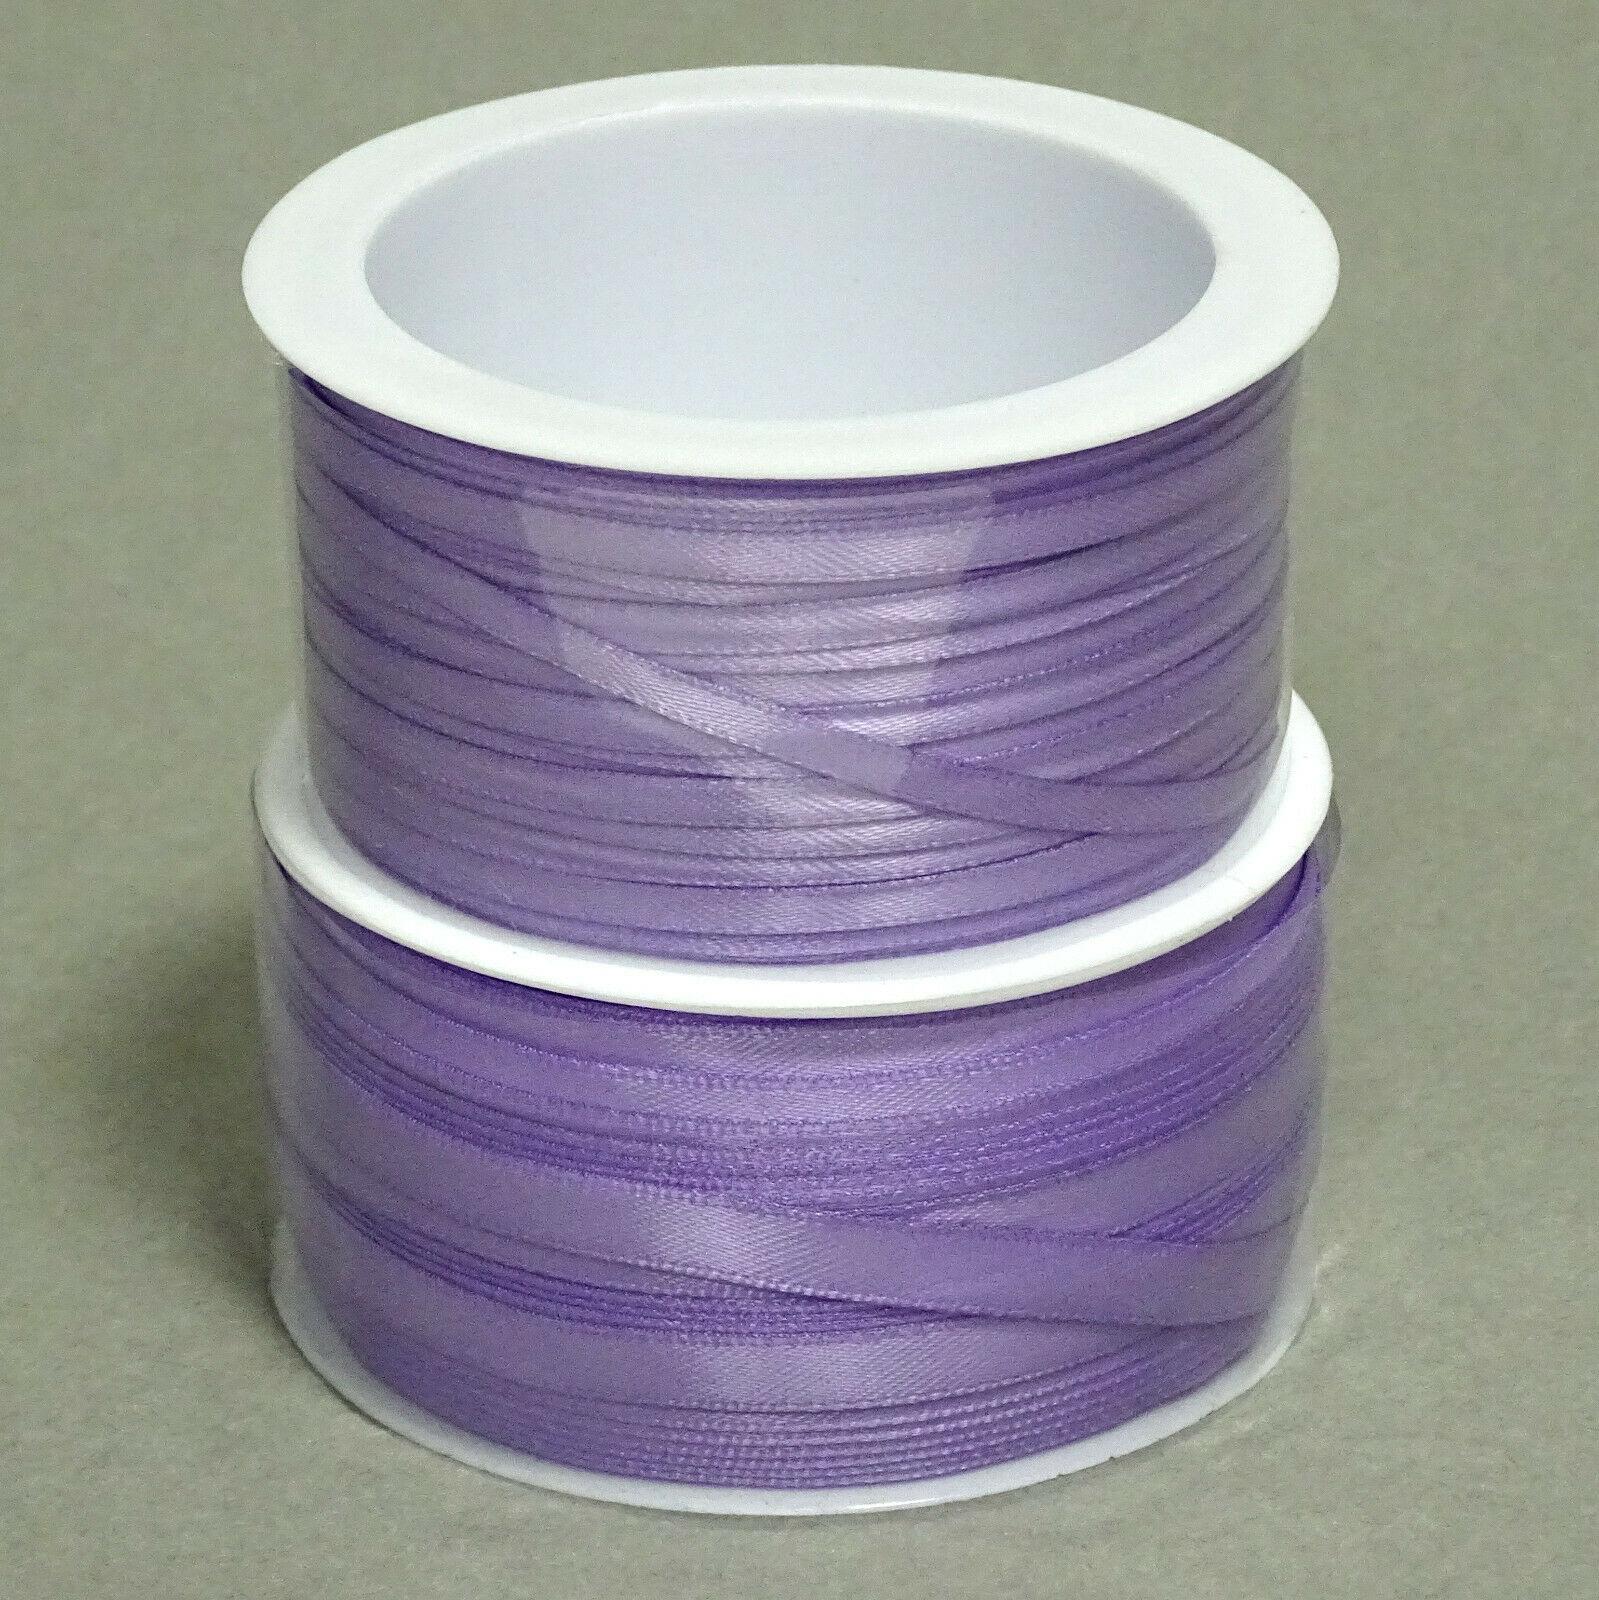 Satinband Schleifenband 50m x 3mm / 6mm Dekoband ab 0,05 €/m Geschenkband Rolle - Flieder 116, 6 mm x 50 m